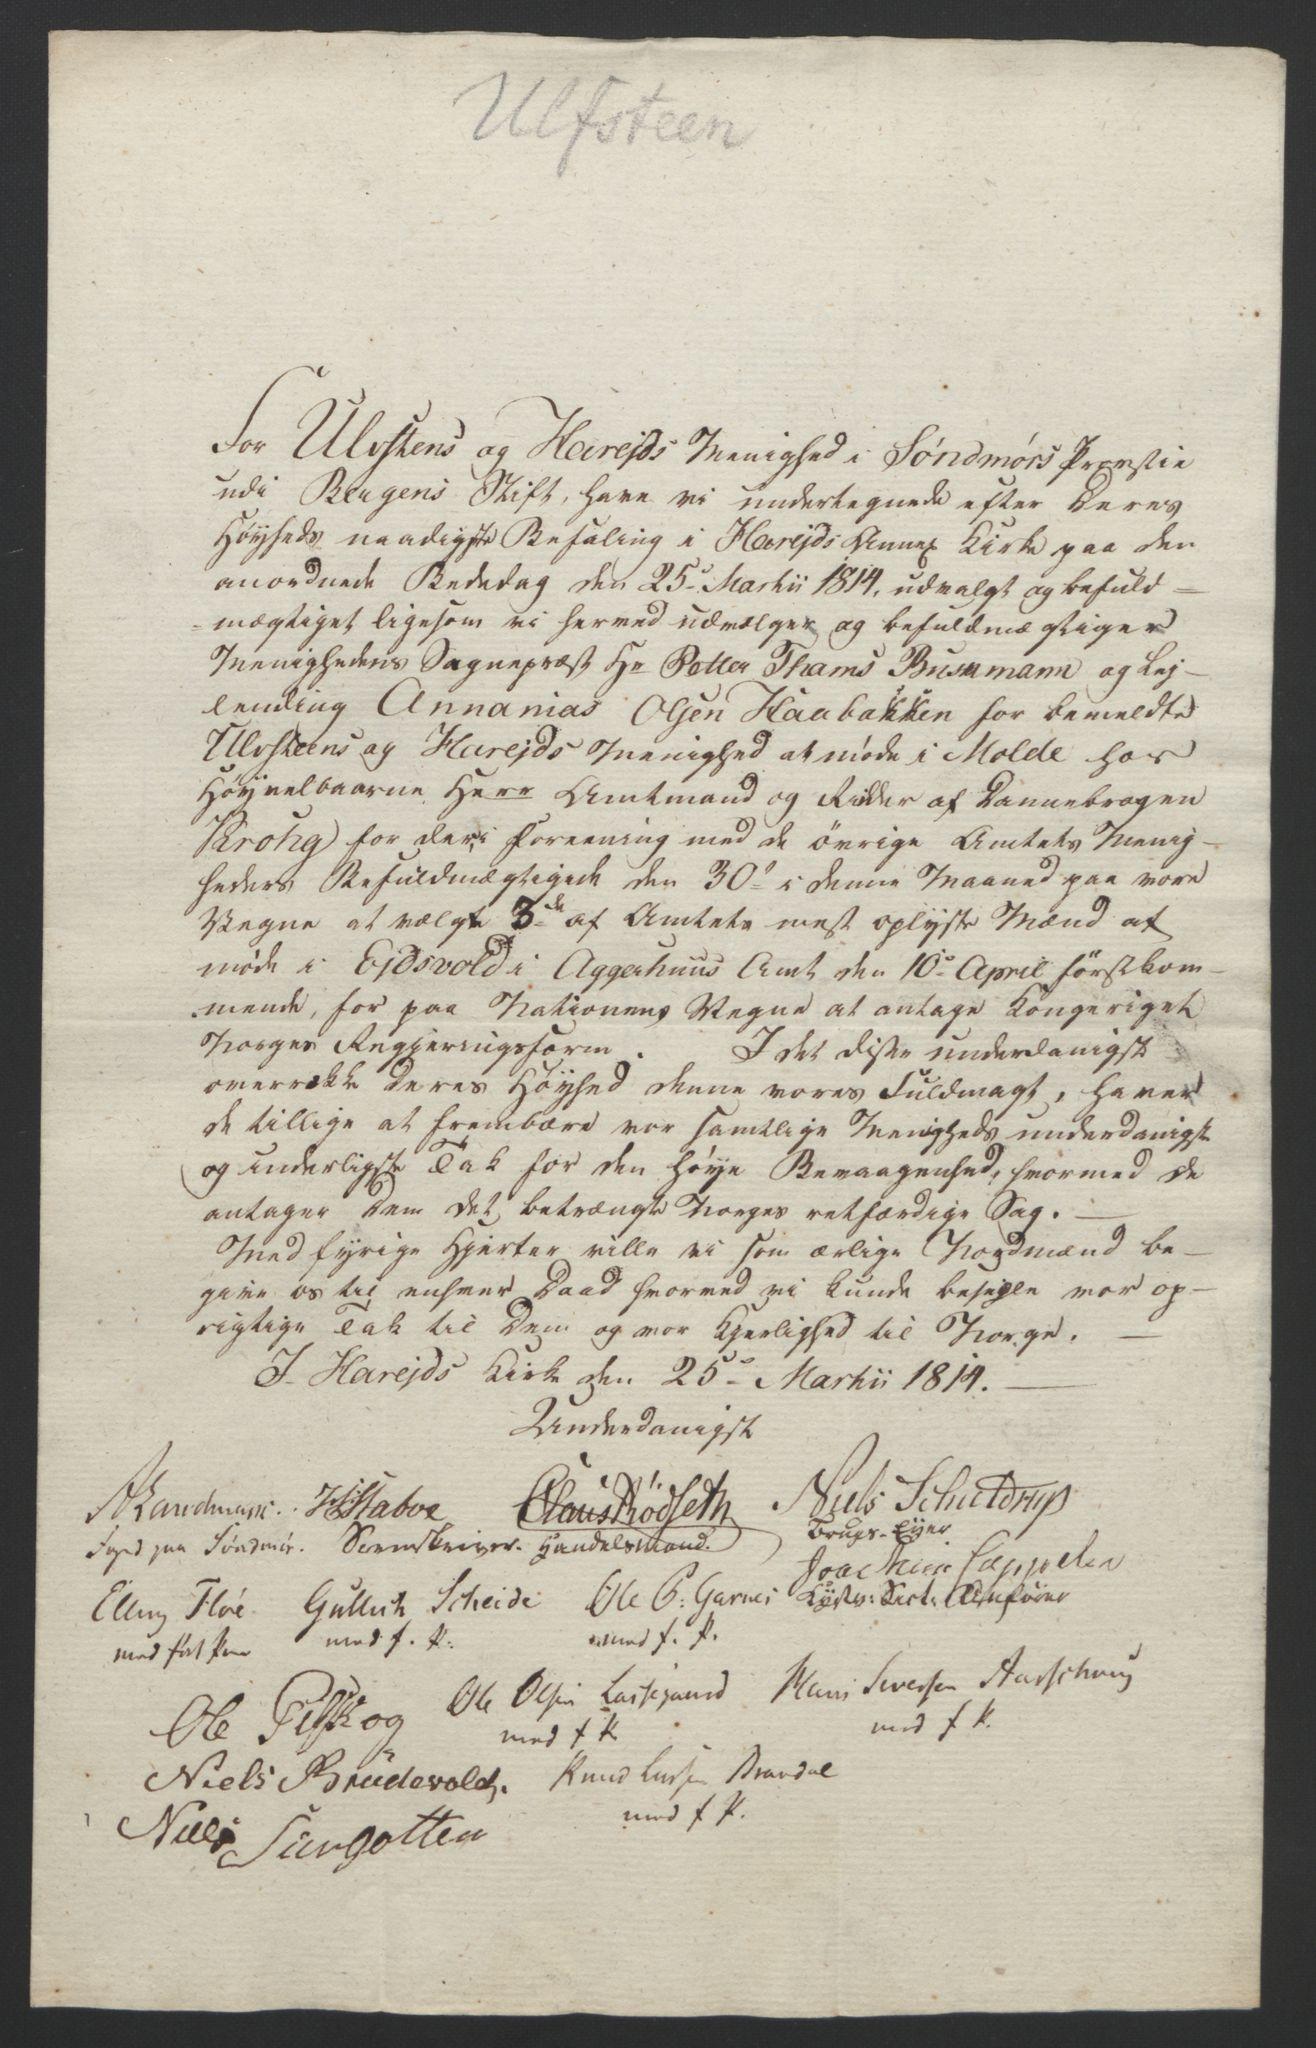 RA, Statsrådssekretariatet, D/Db/L0008: Fullmakter for Eidsvollsrepresentantene i 1814. , 1814, s. 409